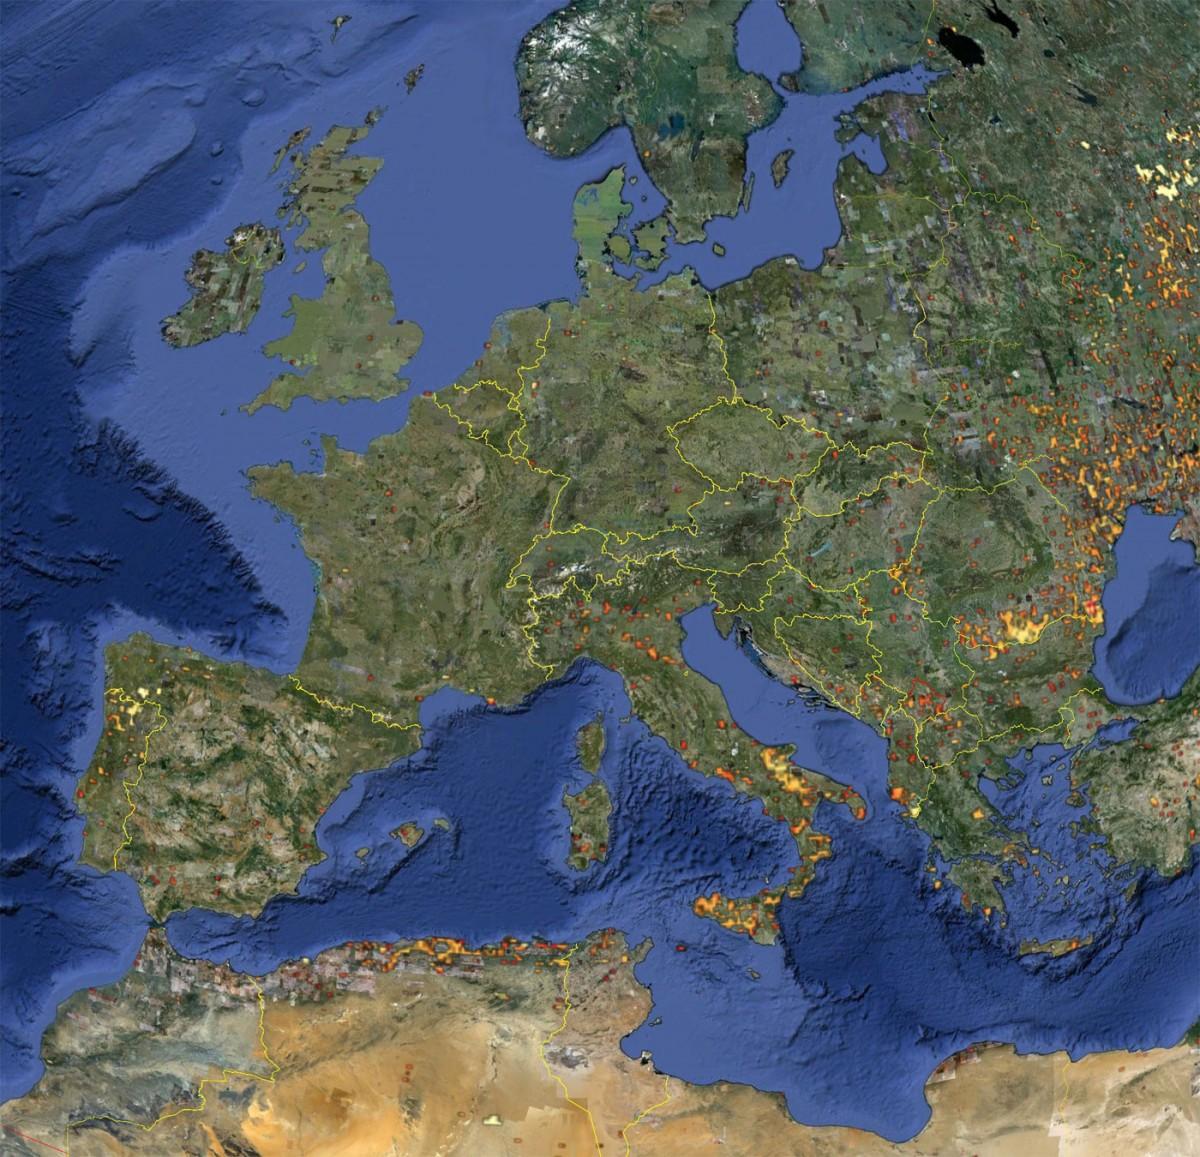 Η Ευρώπη υπέστη μια μεγάλη πληθυσμιακή αναστάτωση πριν από περίπου 14.500 χρόνια,, όταν μυστηριώδεις επιδρομείς την κατέκτησαν (φωτ. Google Earth).